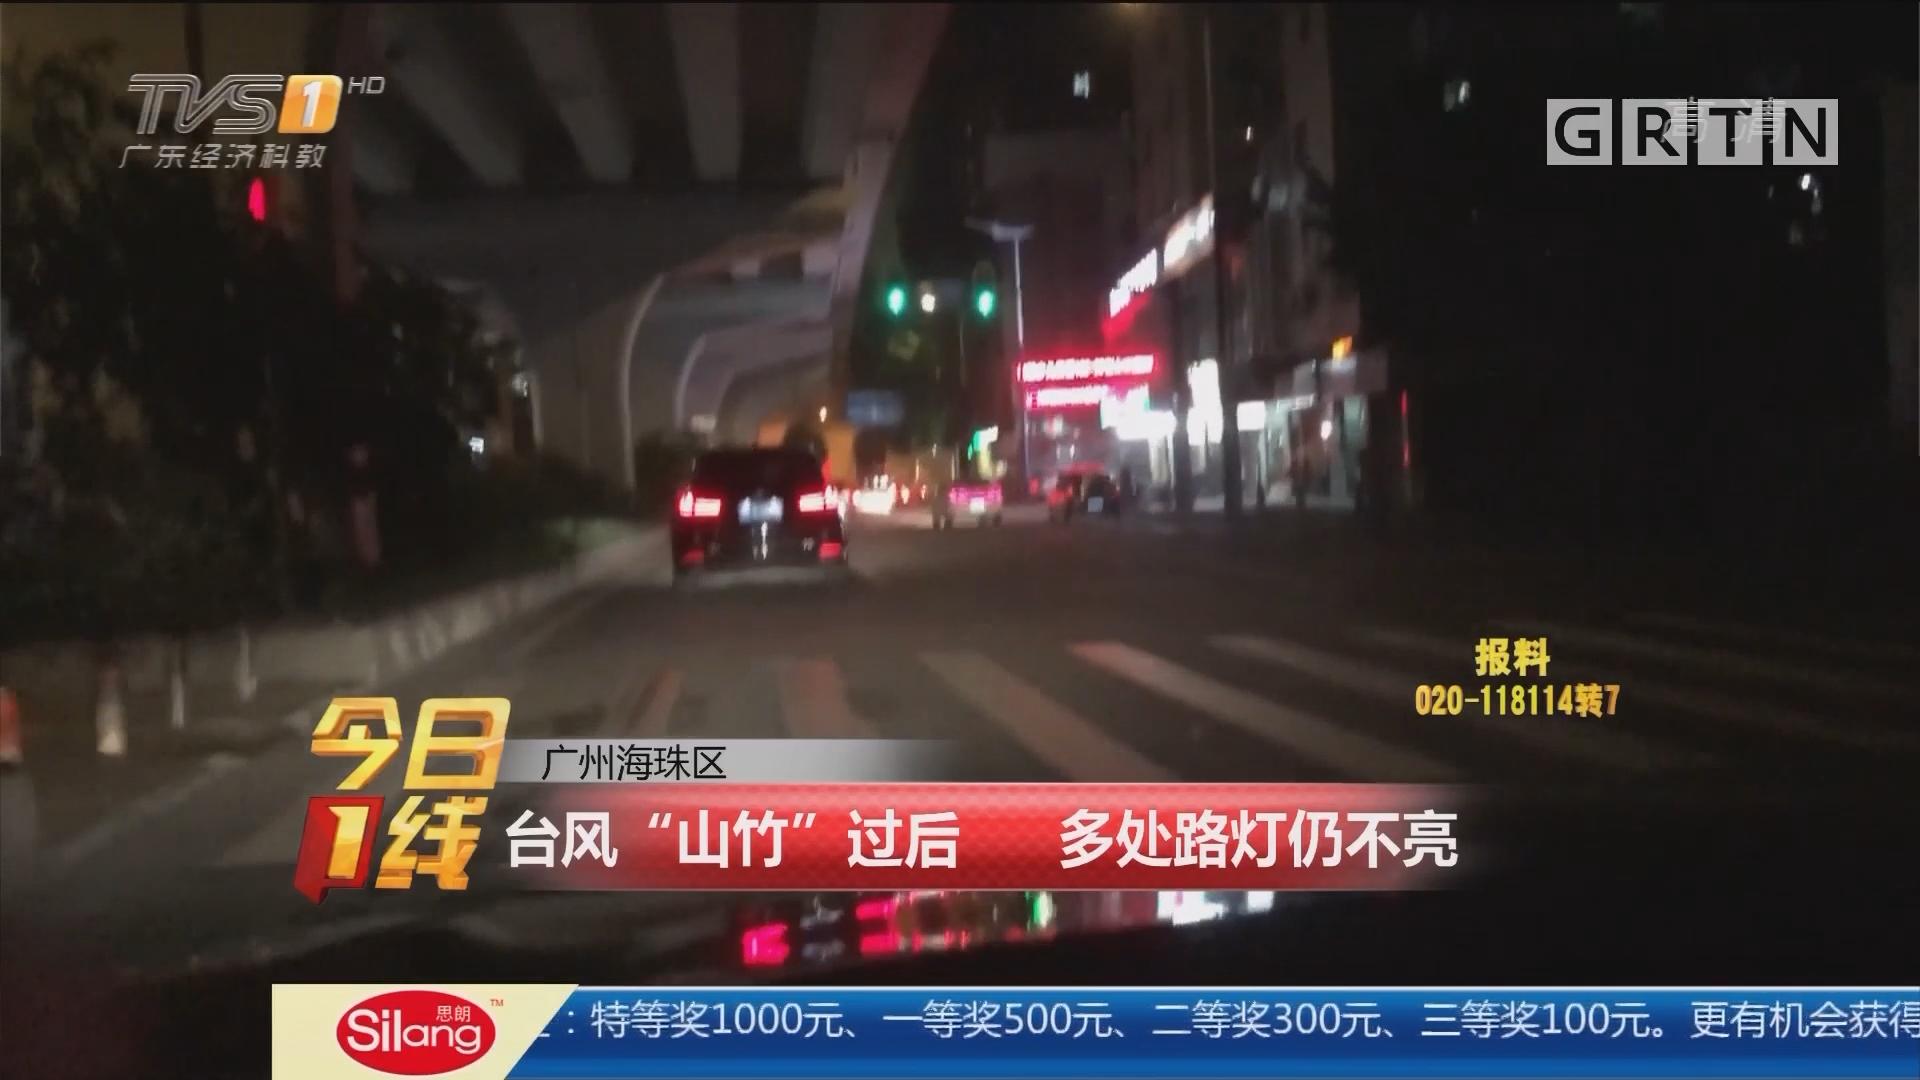 """广州海珠区:台风""""山竹""""过后 多处路灯仍不亮"""